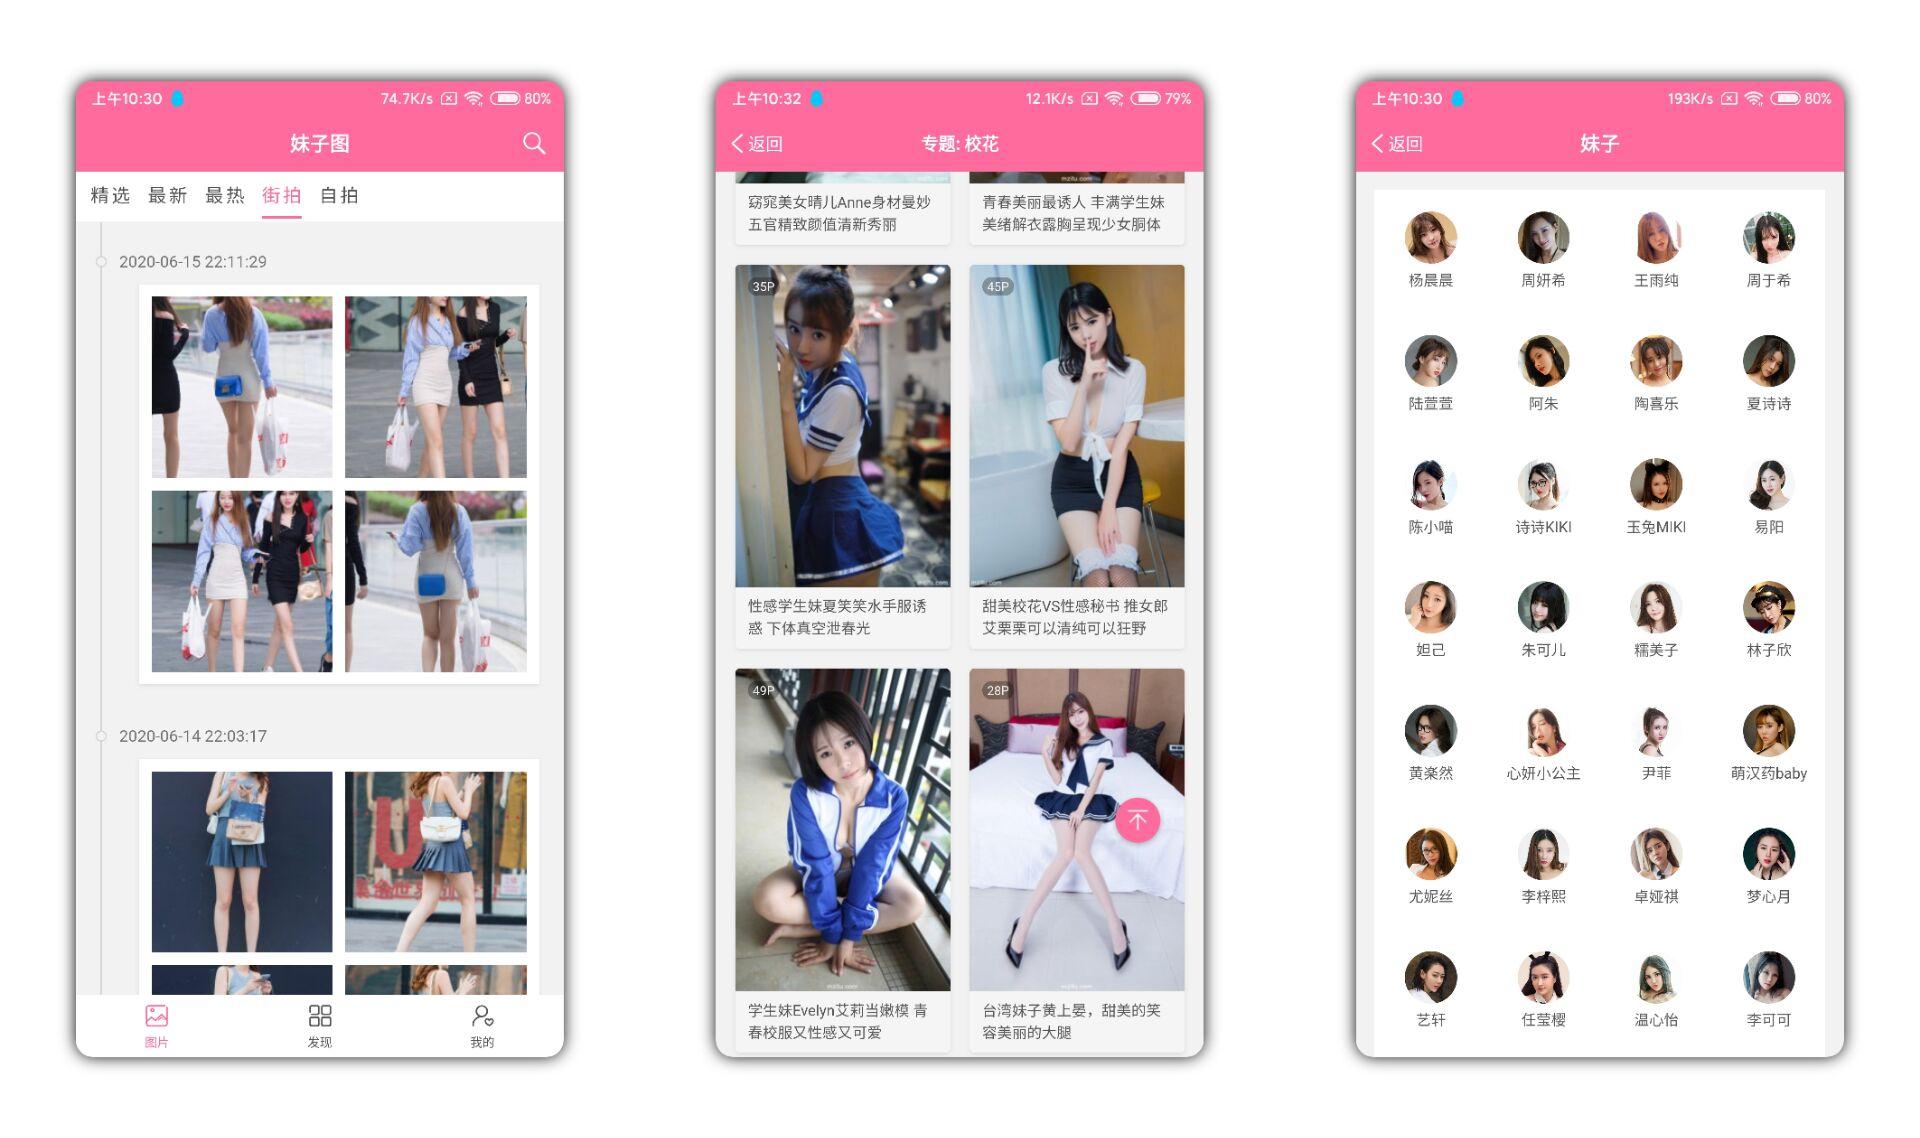 美女图app 去广告版 云集众多精美美女图片